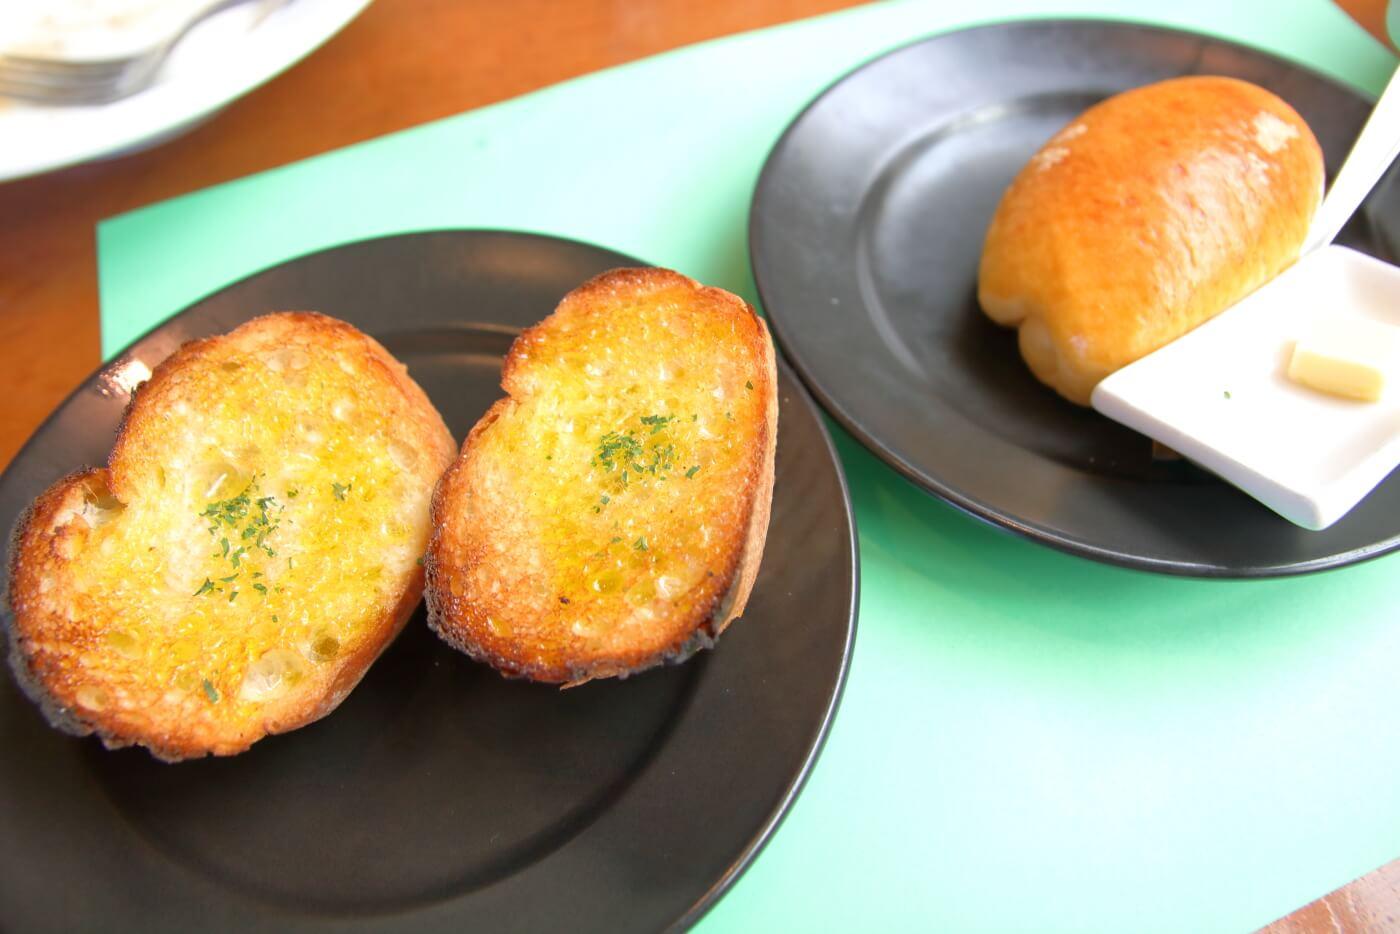 南国市浜改田 ナポリの風 パスタセットのガーリックトーストとロールパン